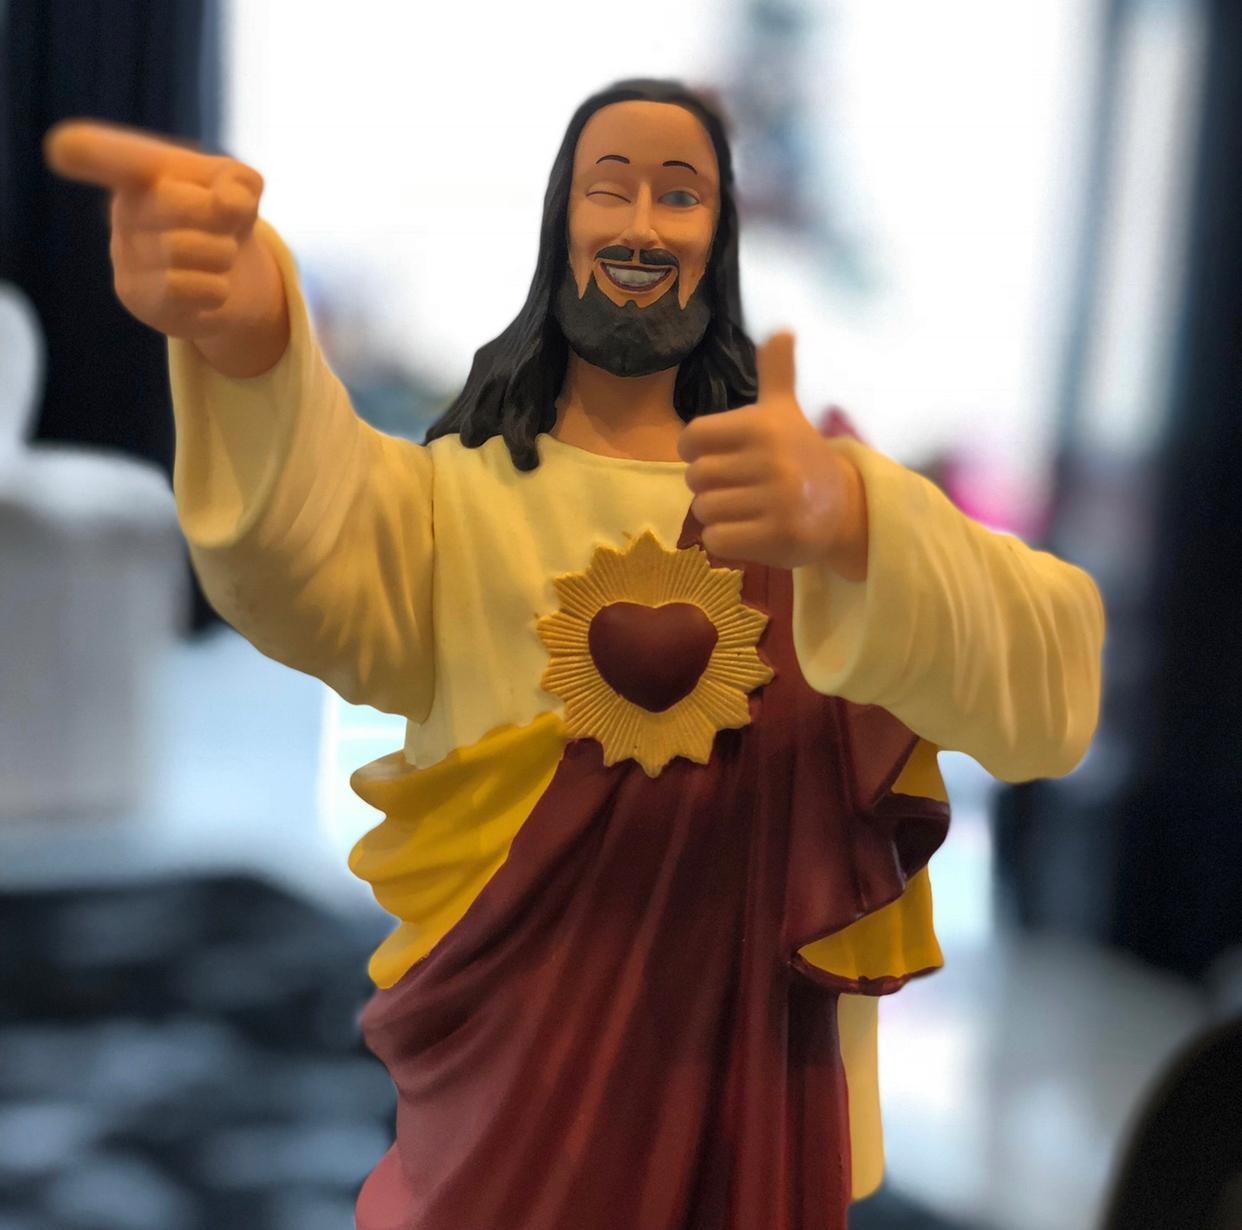 Estátua Jesus Maneiro - Fanatic Studios